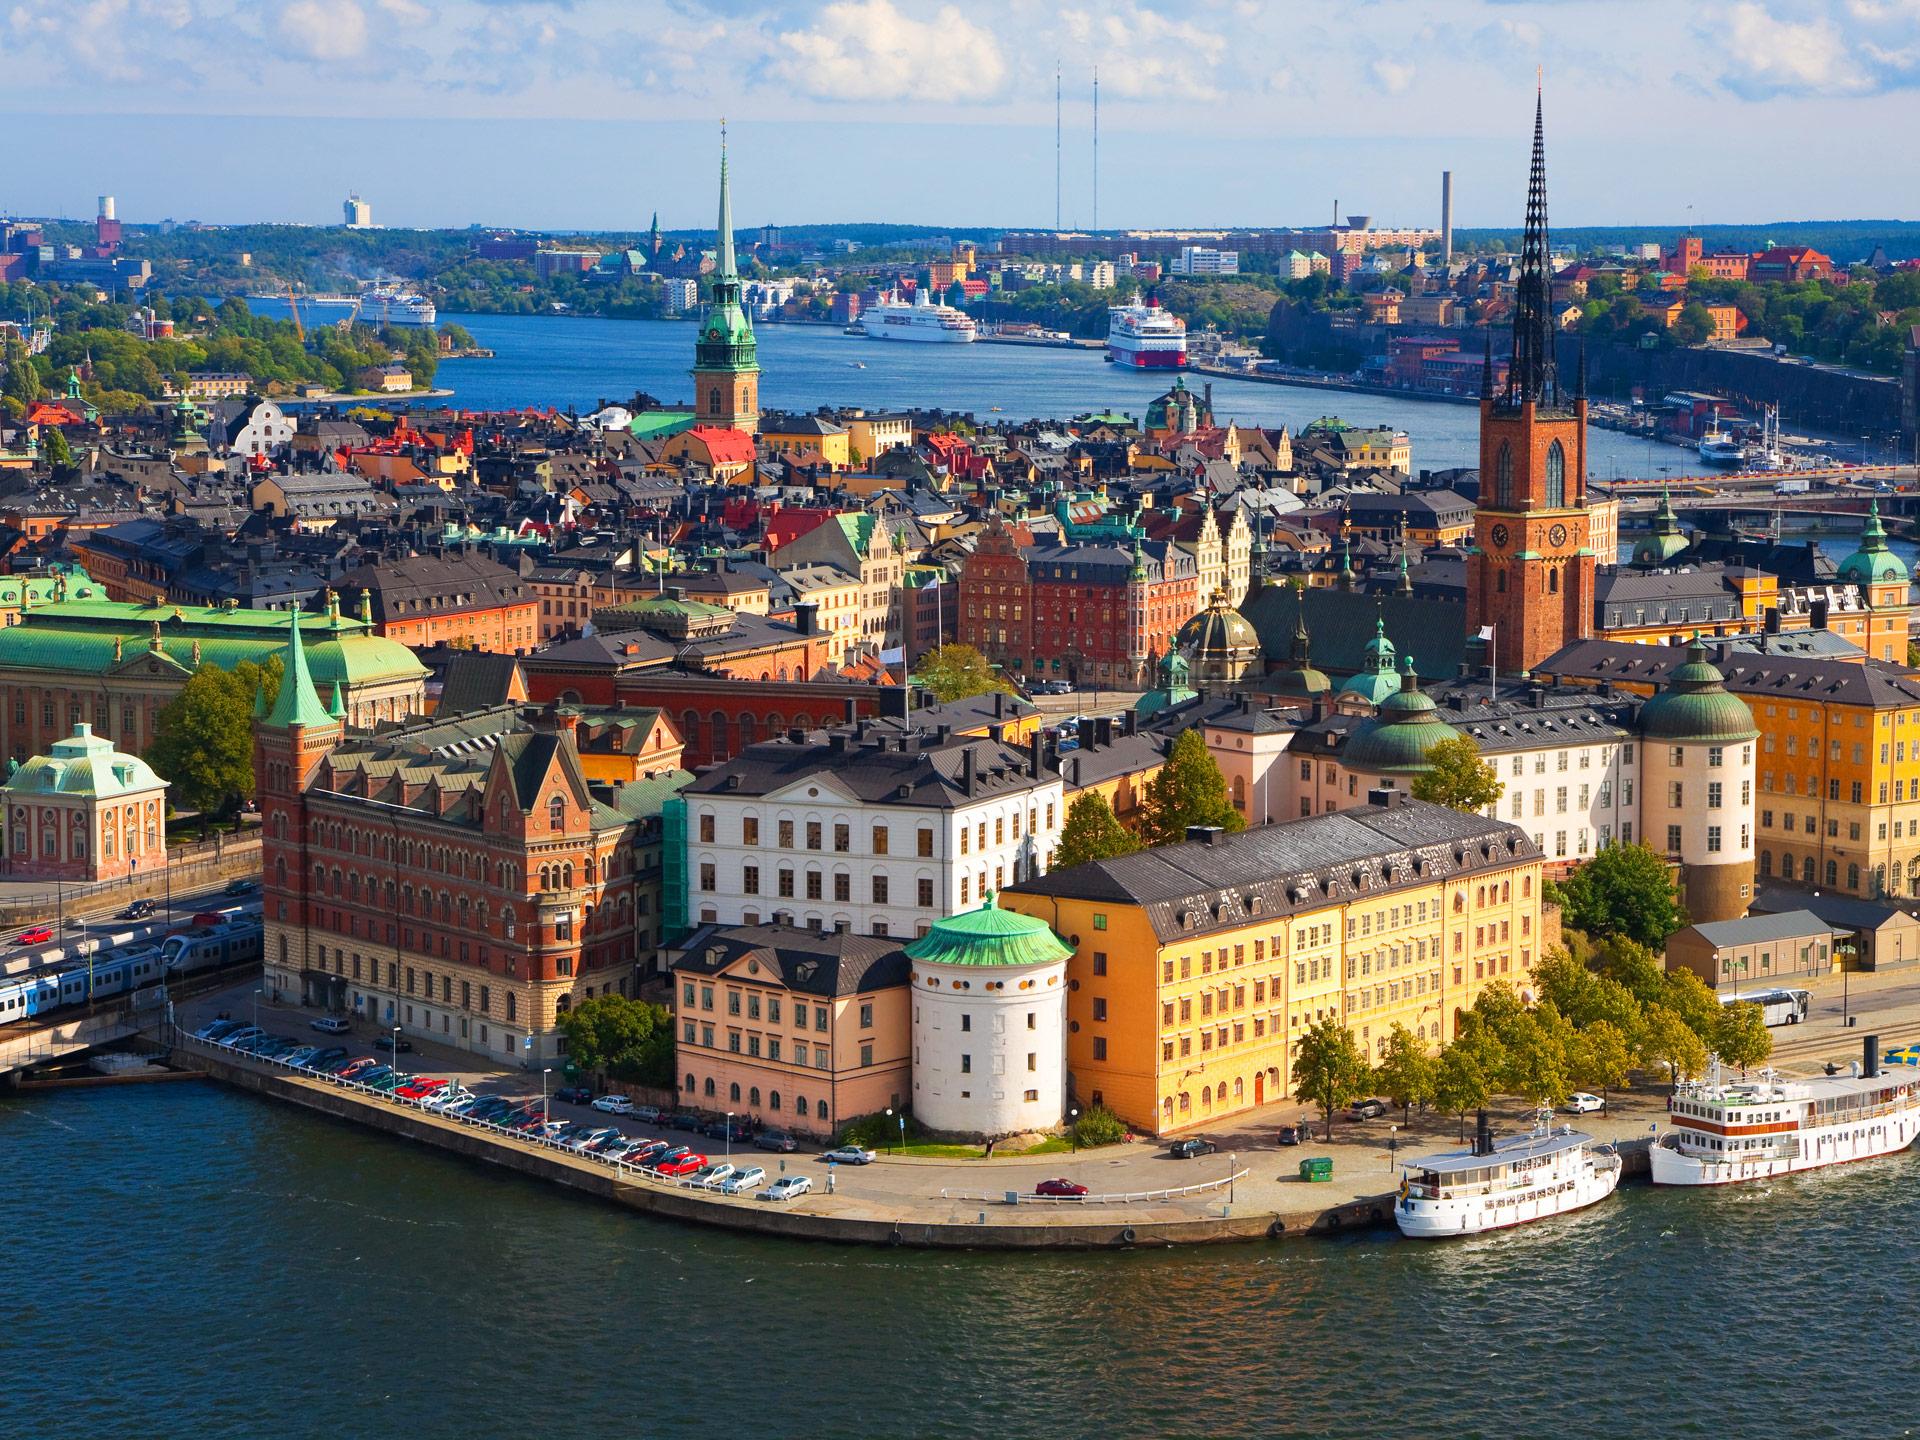 北欧四国+冰岛12日-芬兰航空-丹麦+瑞典+挪威+芬兰+冰岛